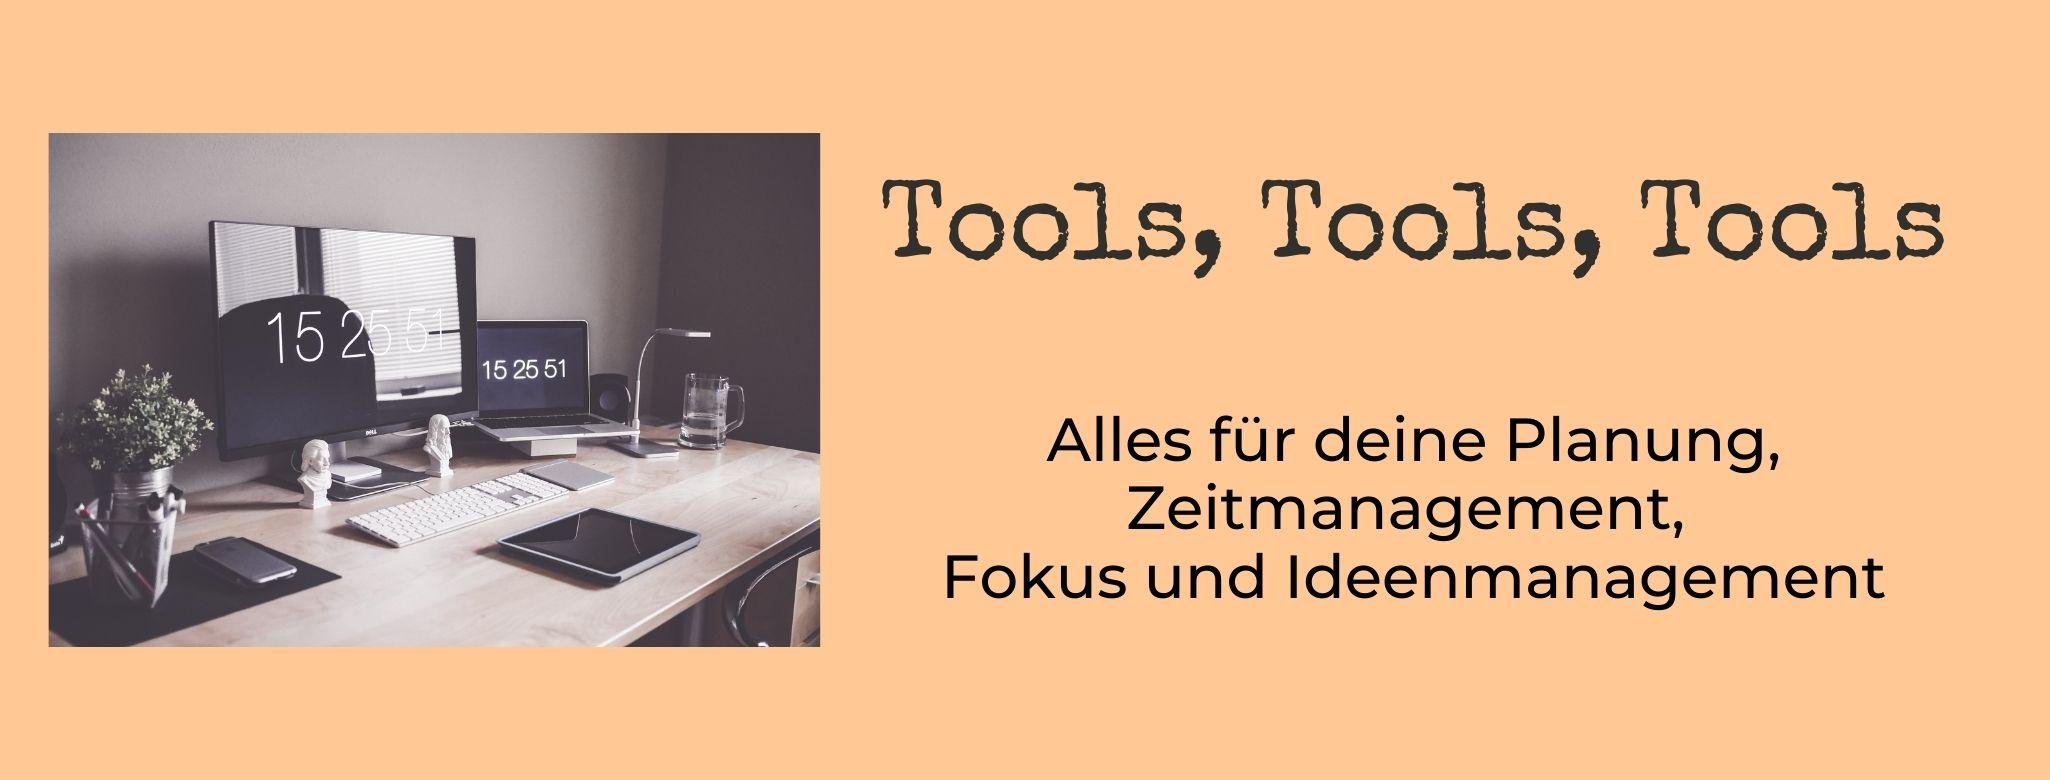 Tools und Apps für die flexible Planung, Zeitmanagement, Projektmanagement, Fokus und Ideenmanagement